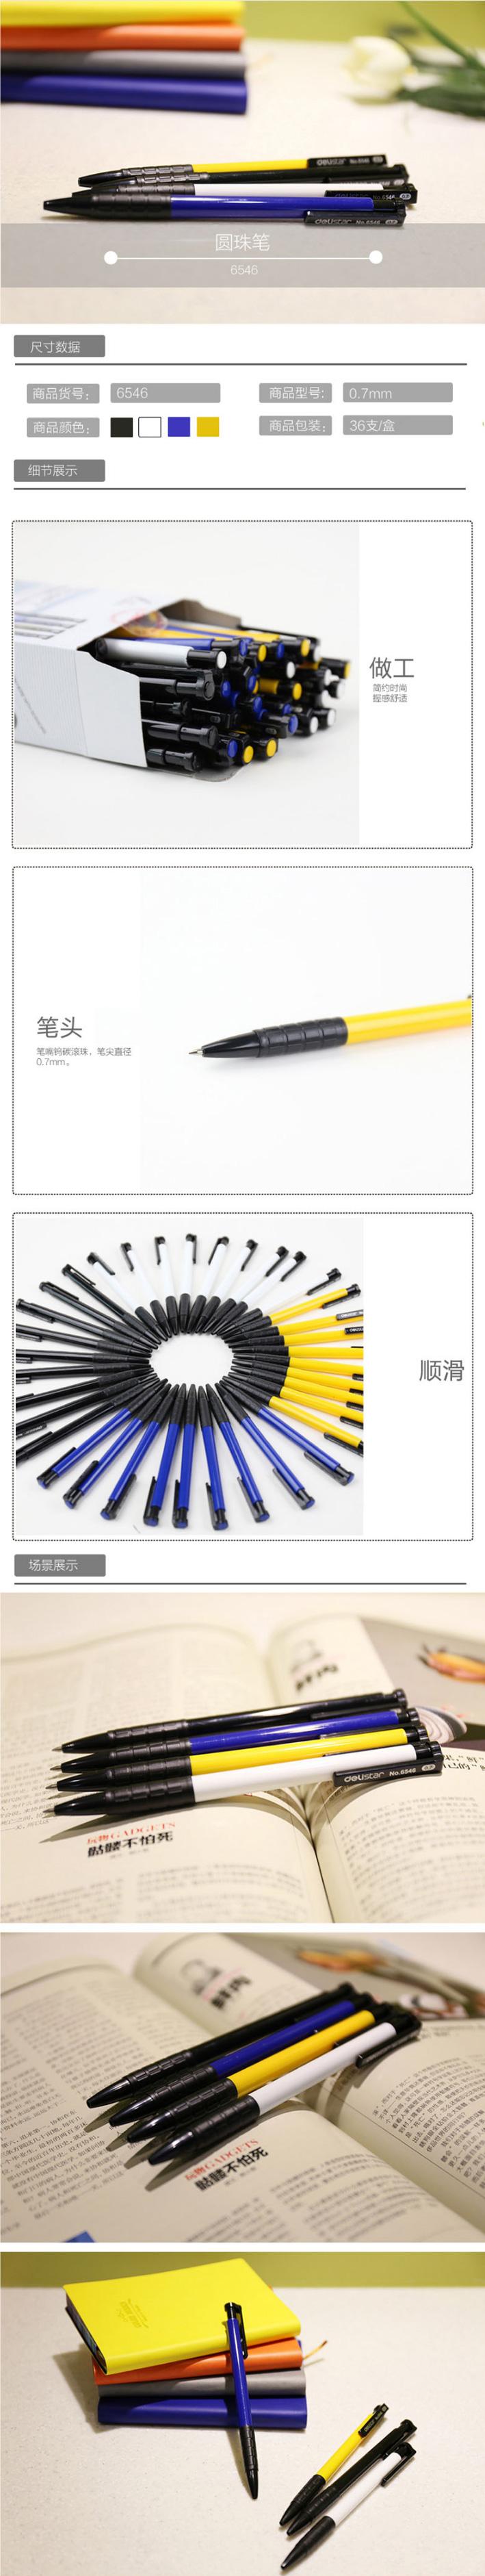 6546 得力圆珠笔0.7mm 蓝色